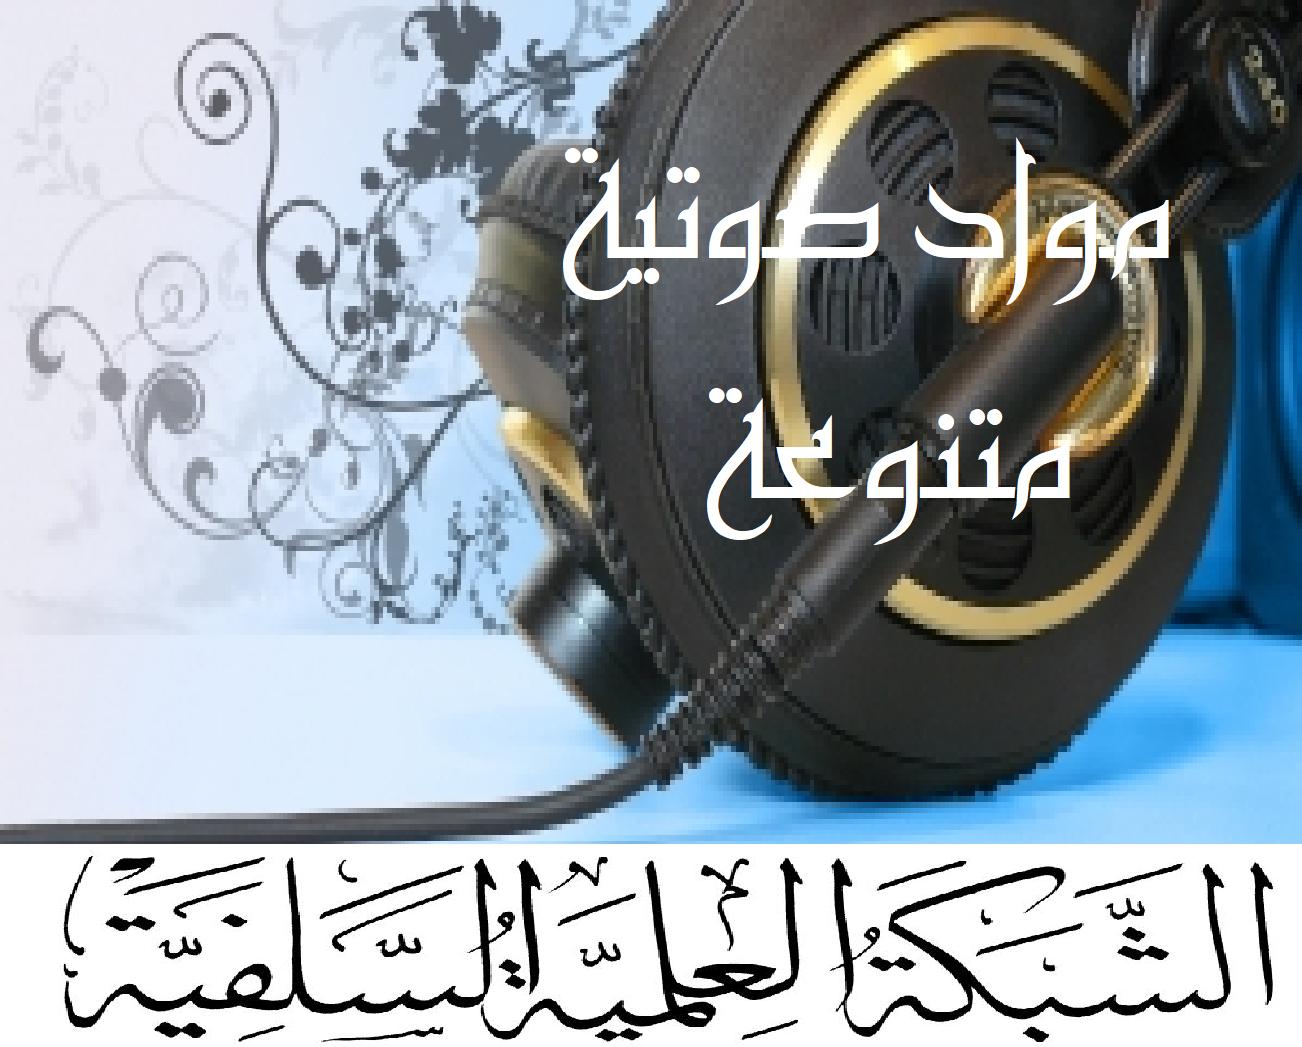 كلمة قيمة في عرس الدكتور عدنان طمبح ــ حفظه الله تعالى ــ سجلت بمكة المكرمة 27 شوال 1439 هـ